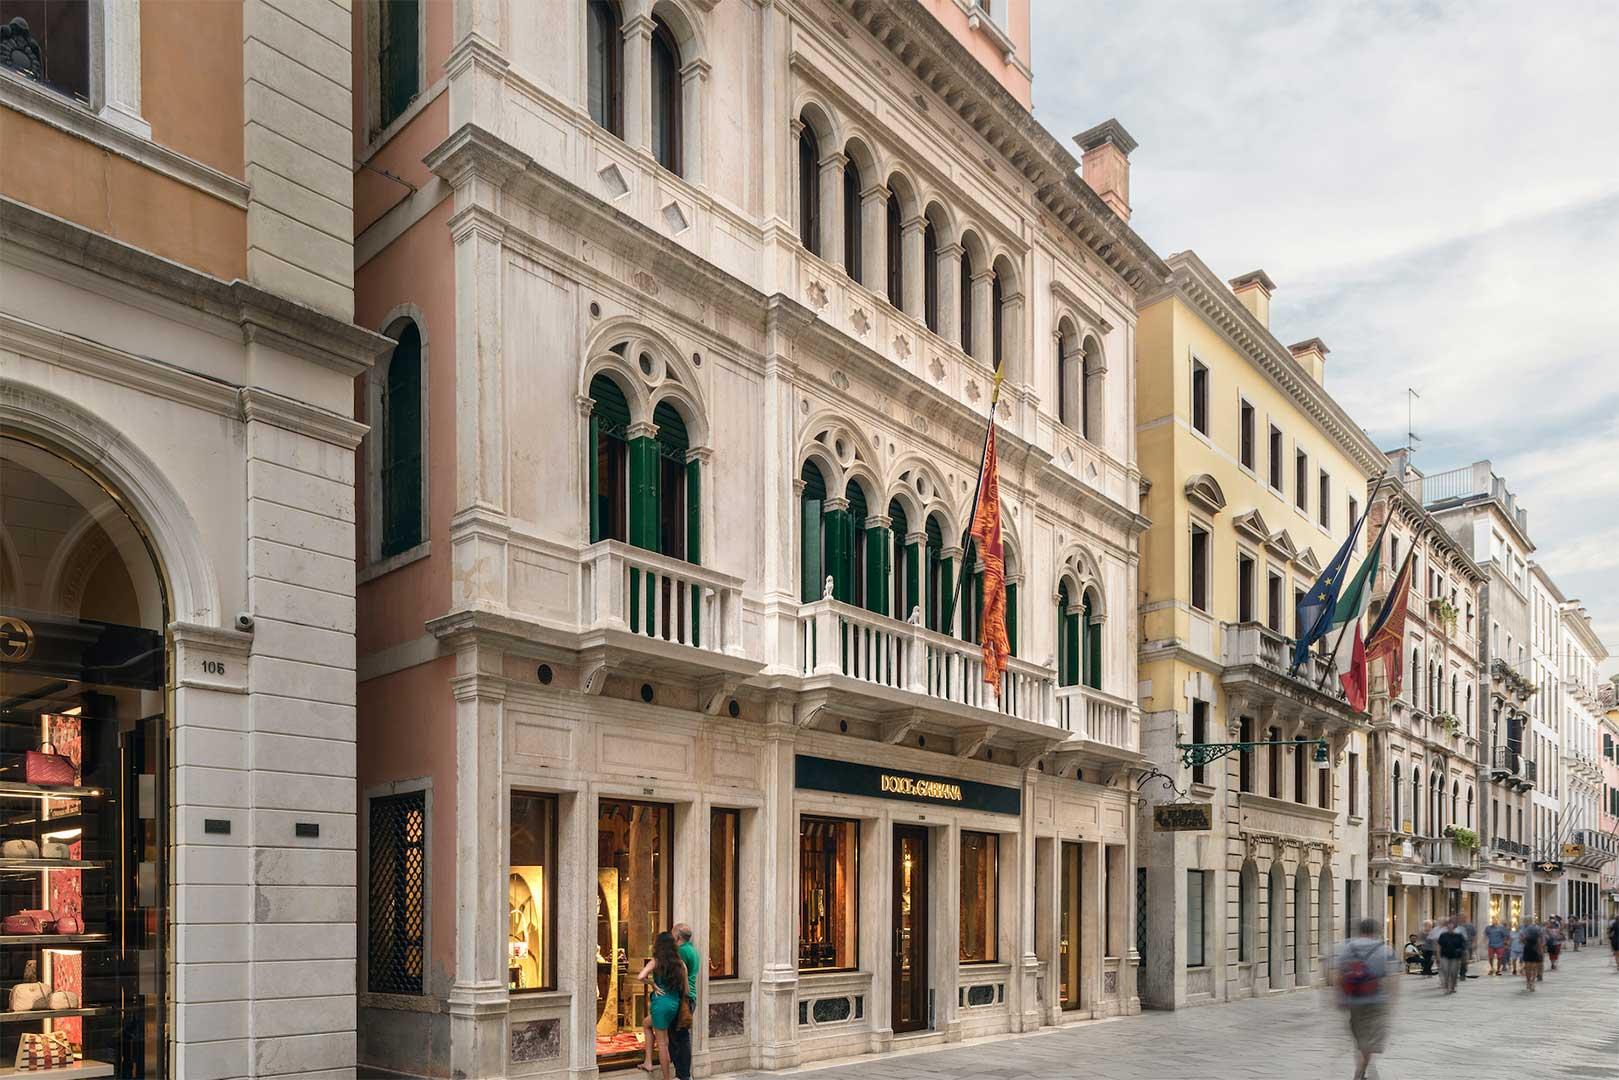 بنا- ساختمان - مغازه - فروشگاه - دولچه گابانا